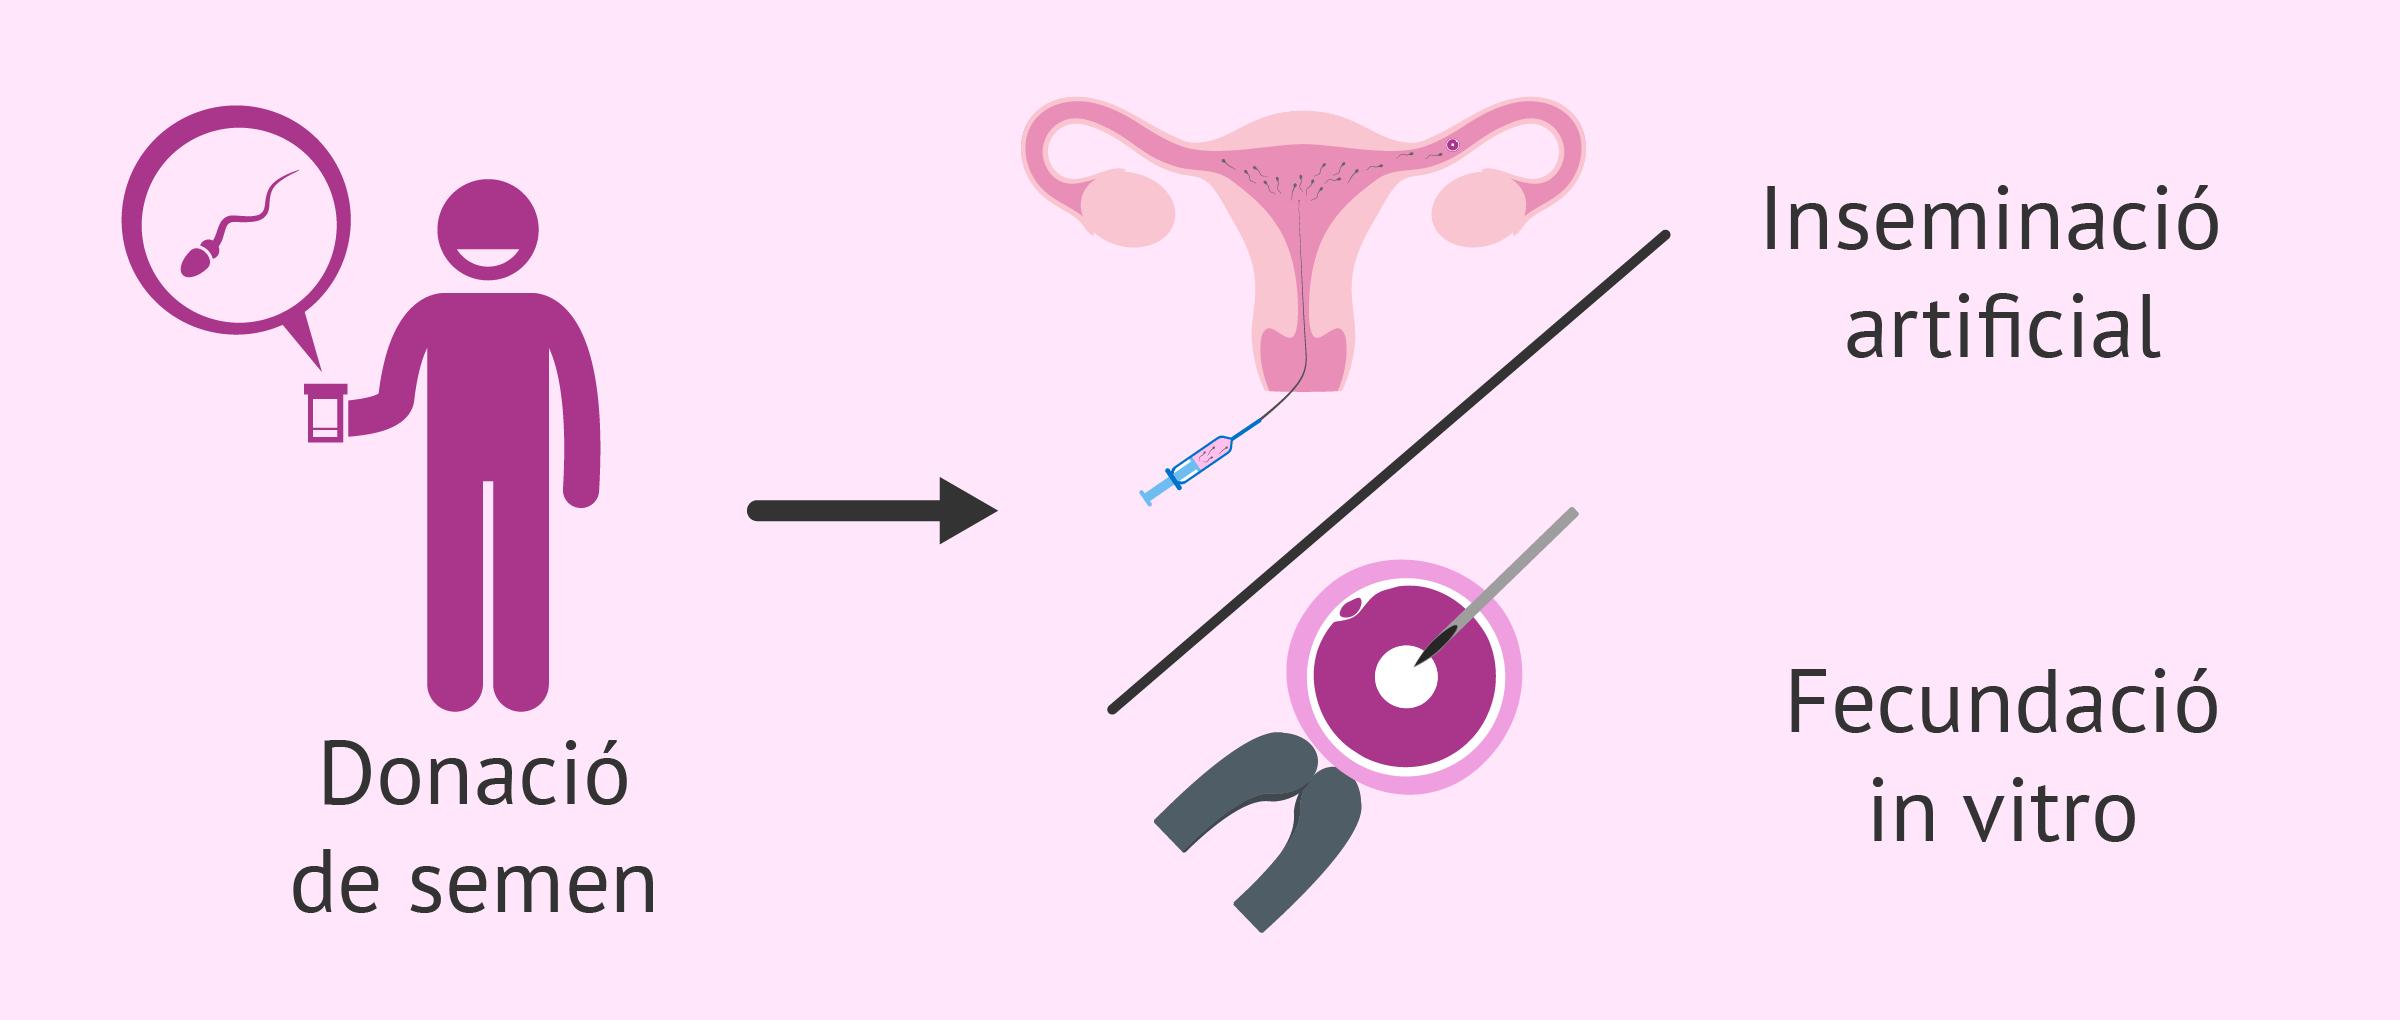 Donació de semen per a inseminació artificial o per a FIV